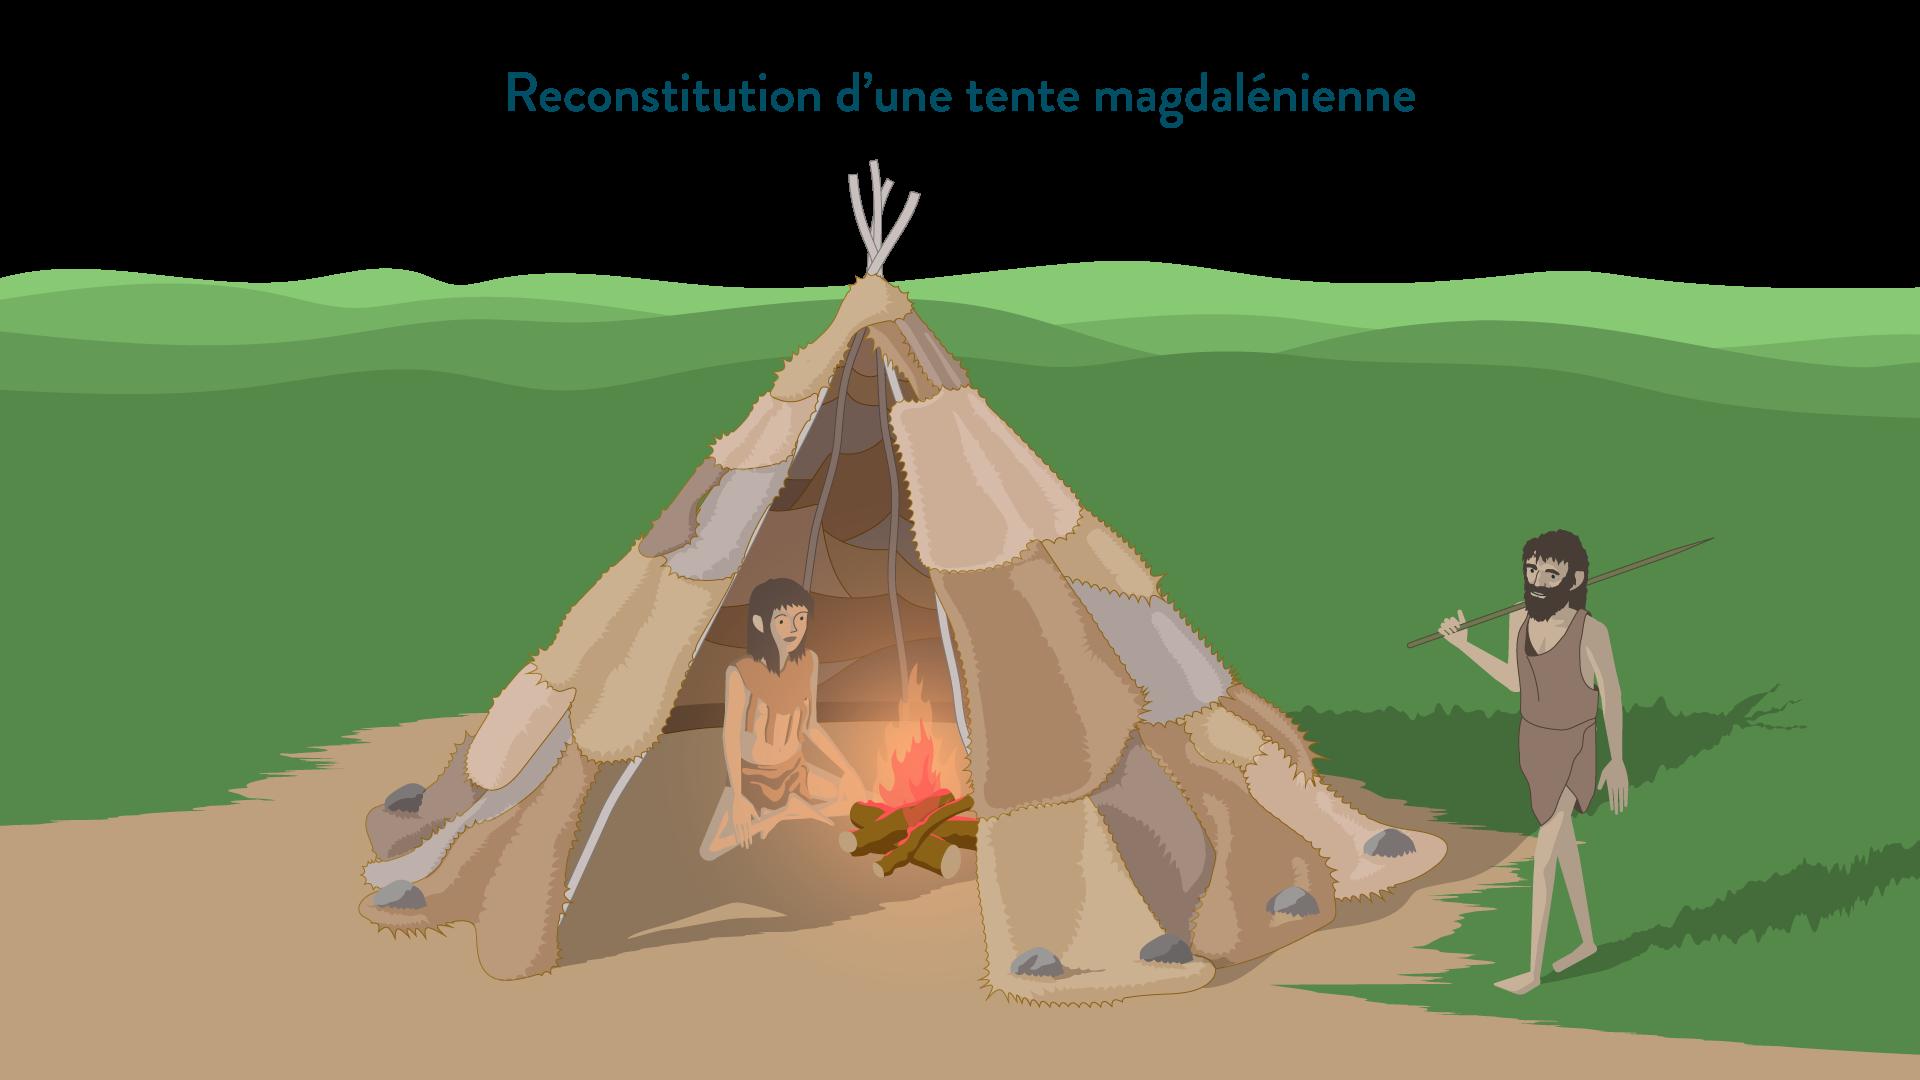 Reconstitution d'une tente magdalénienne-6e-Histoire